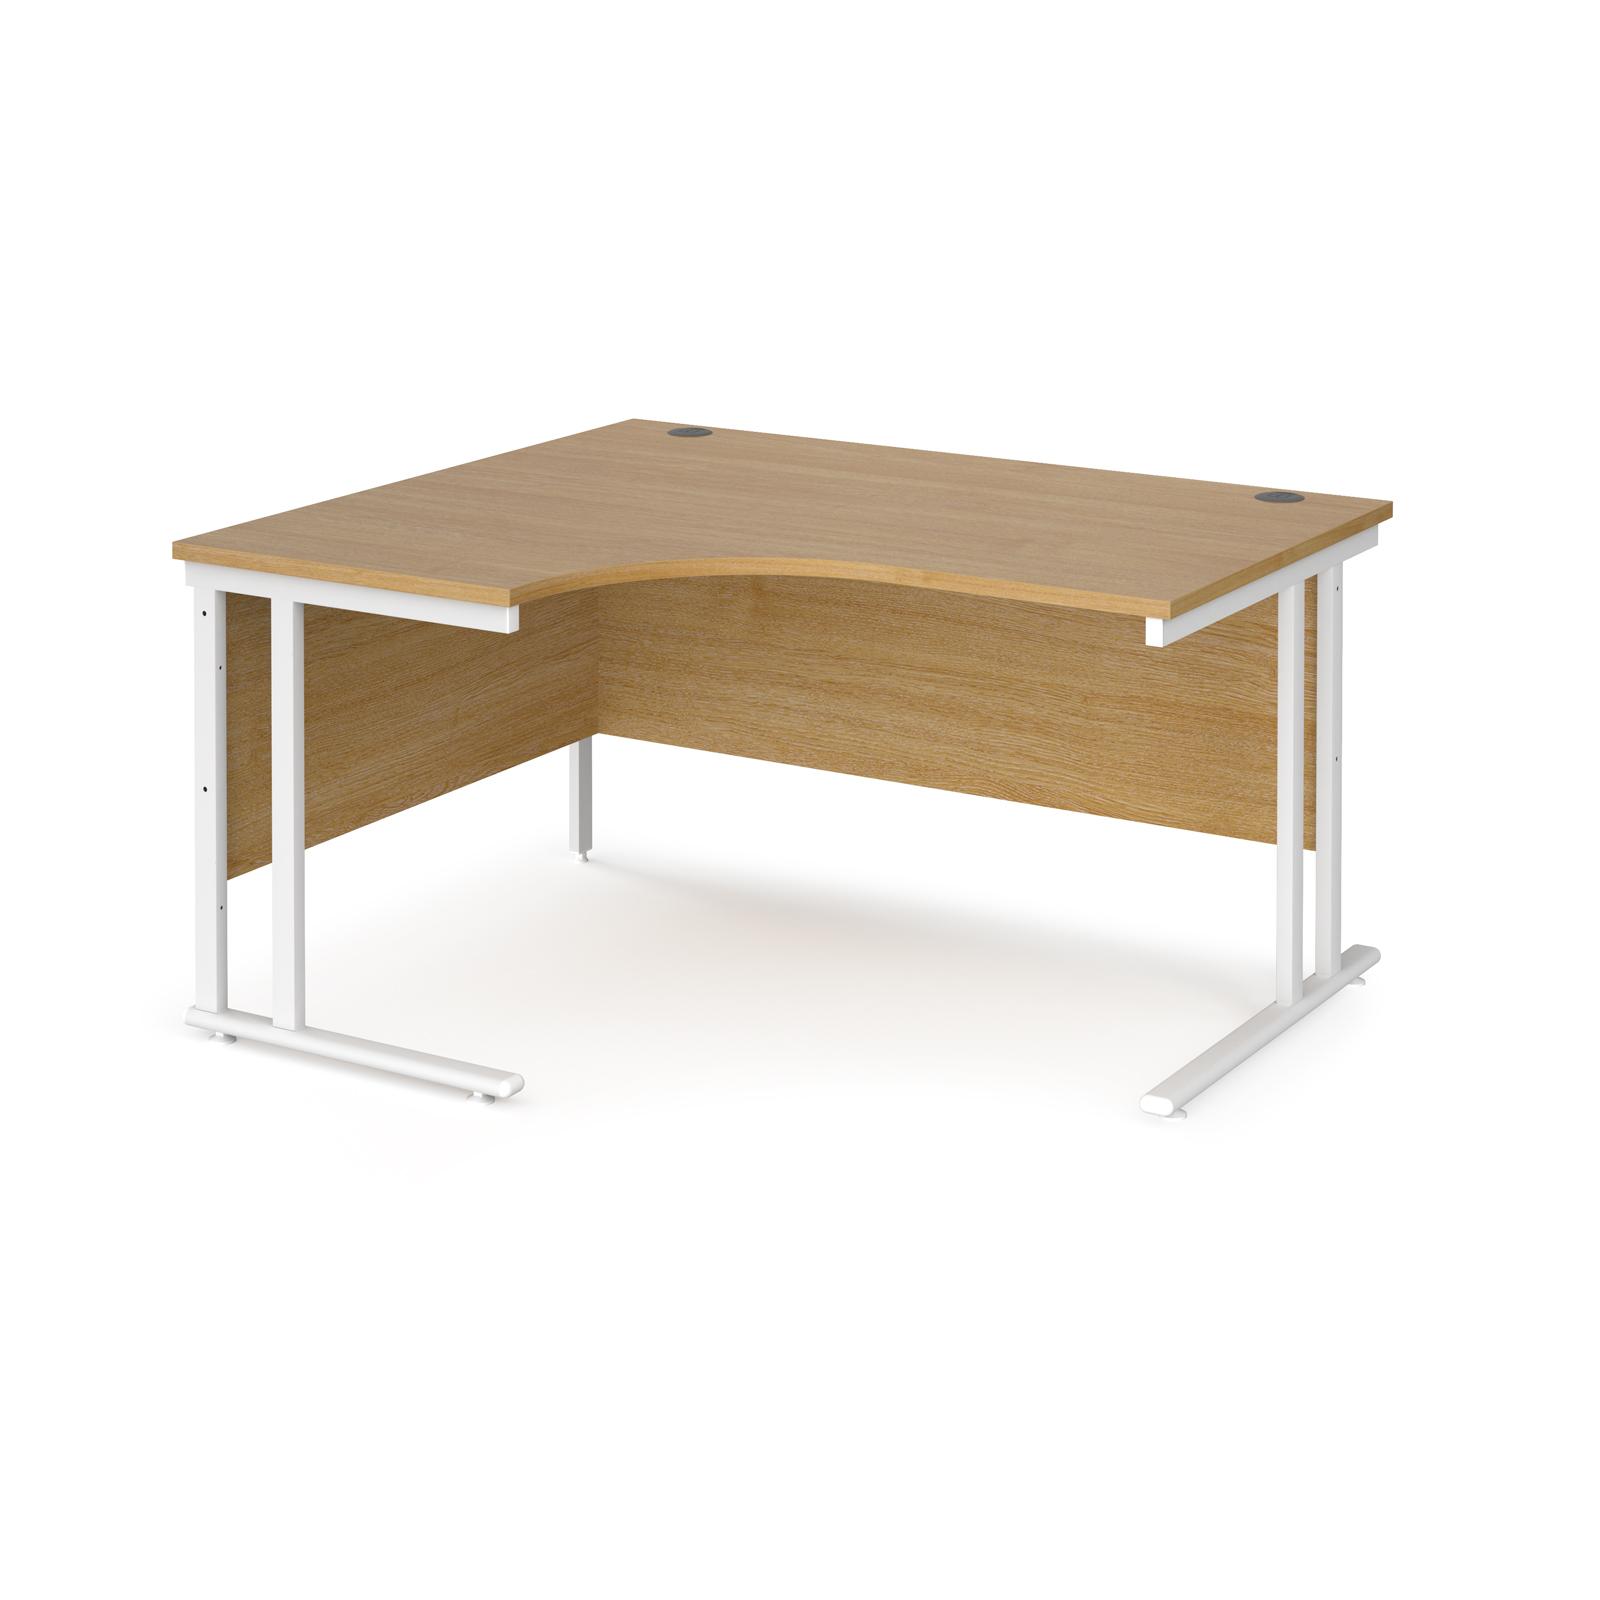 Left Handed Maestro 25 left hand ergonomic desk 1400mm wide - white cantilever leg frame, oak top